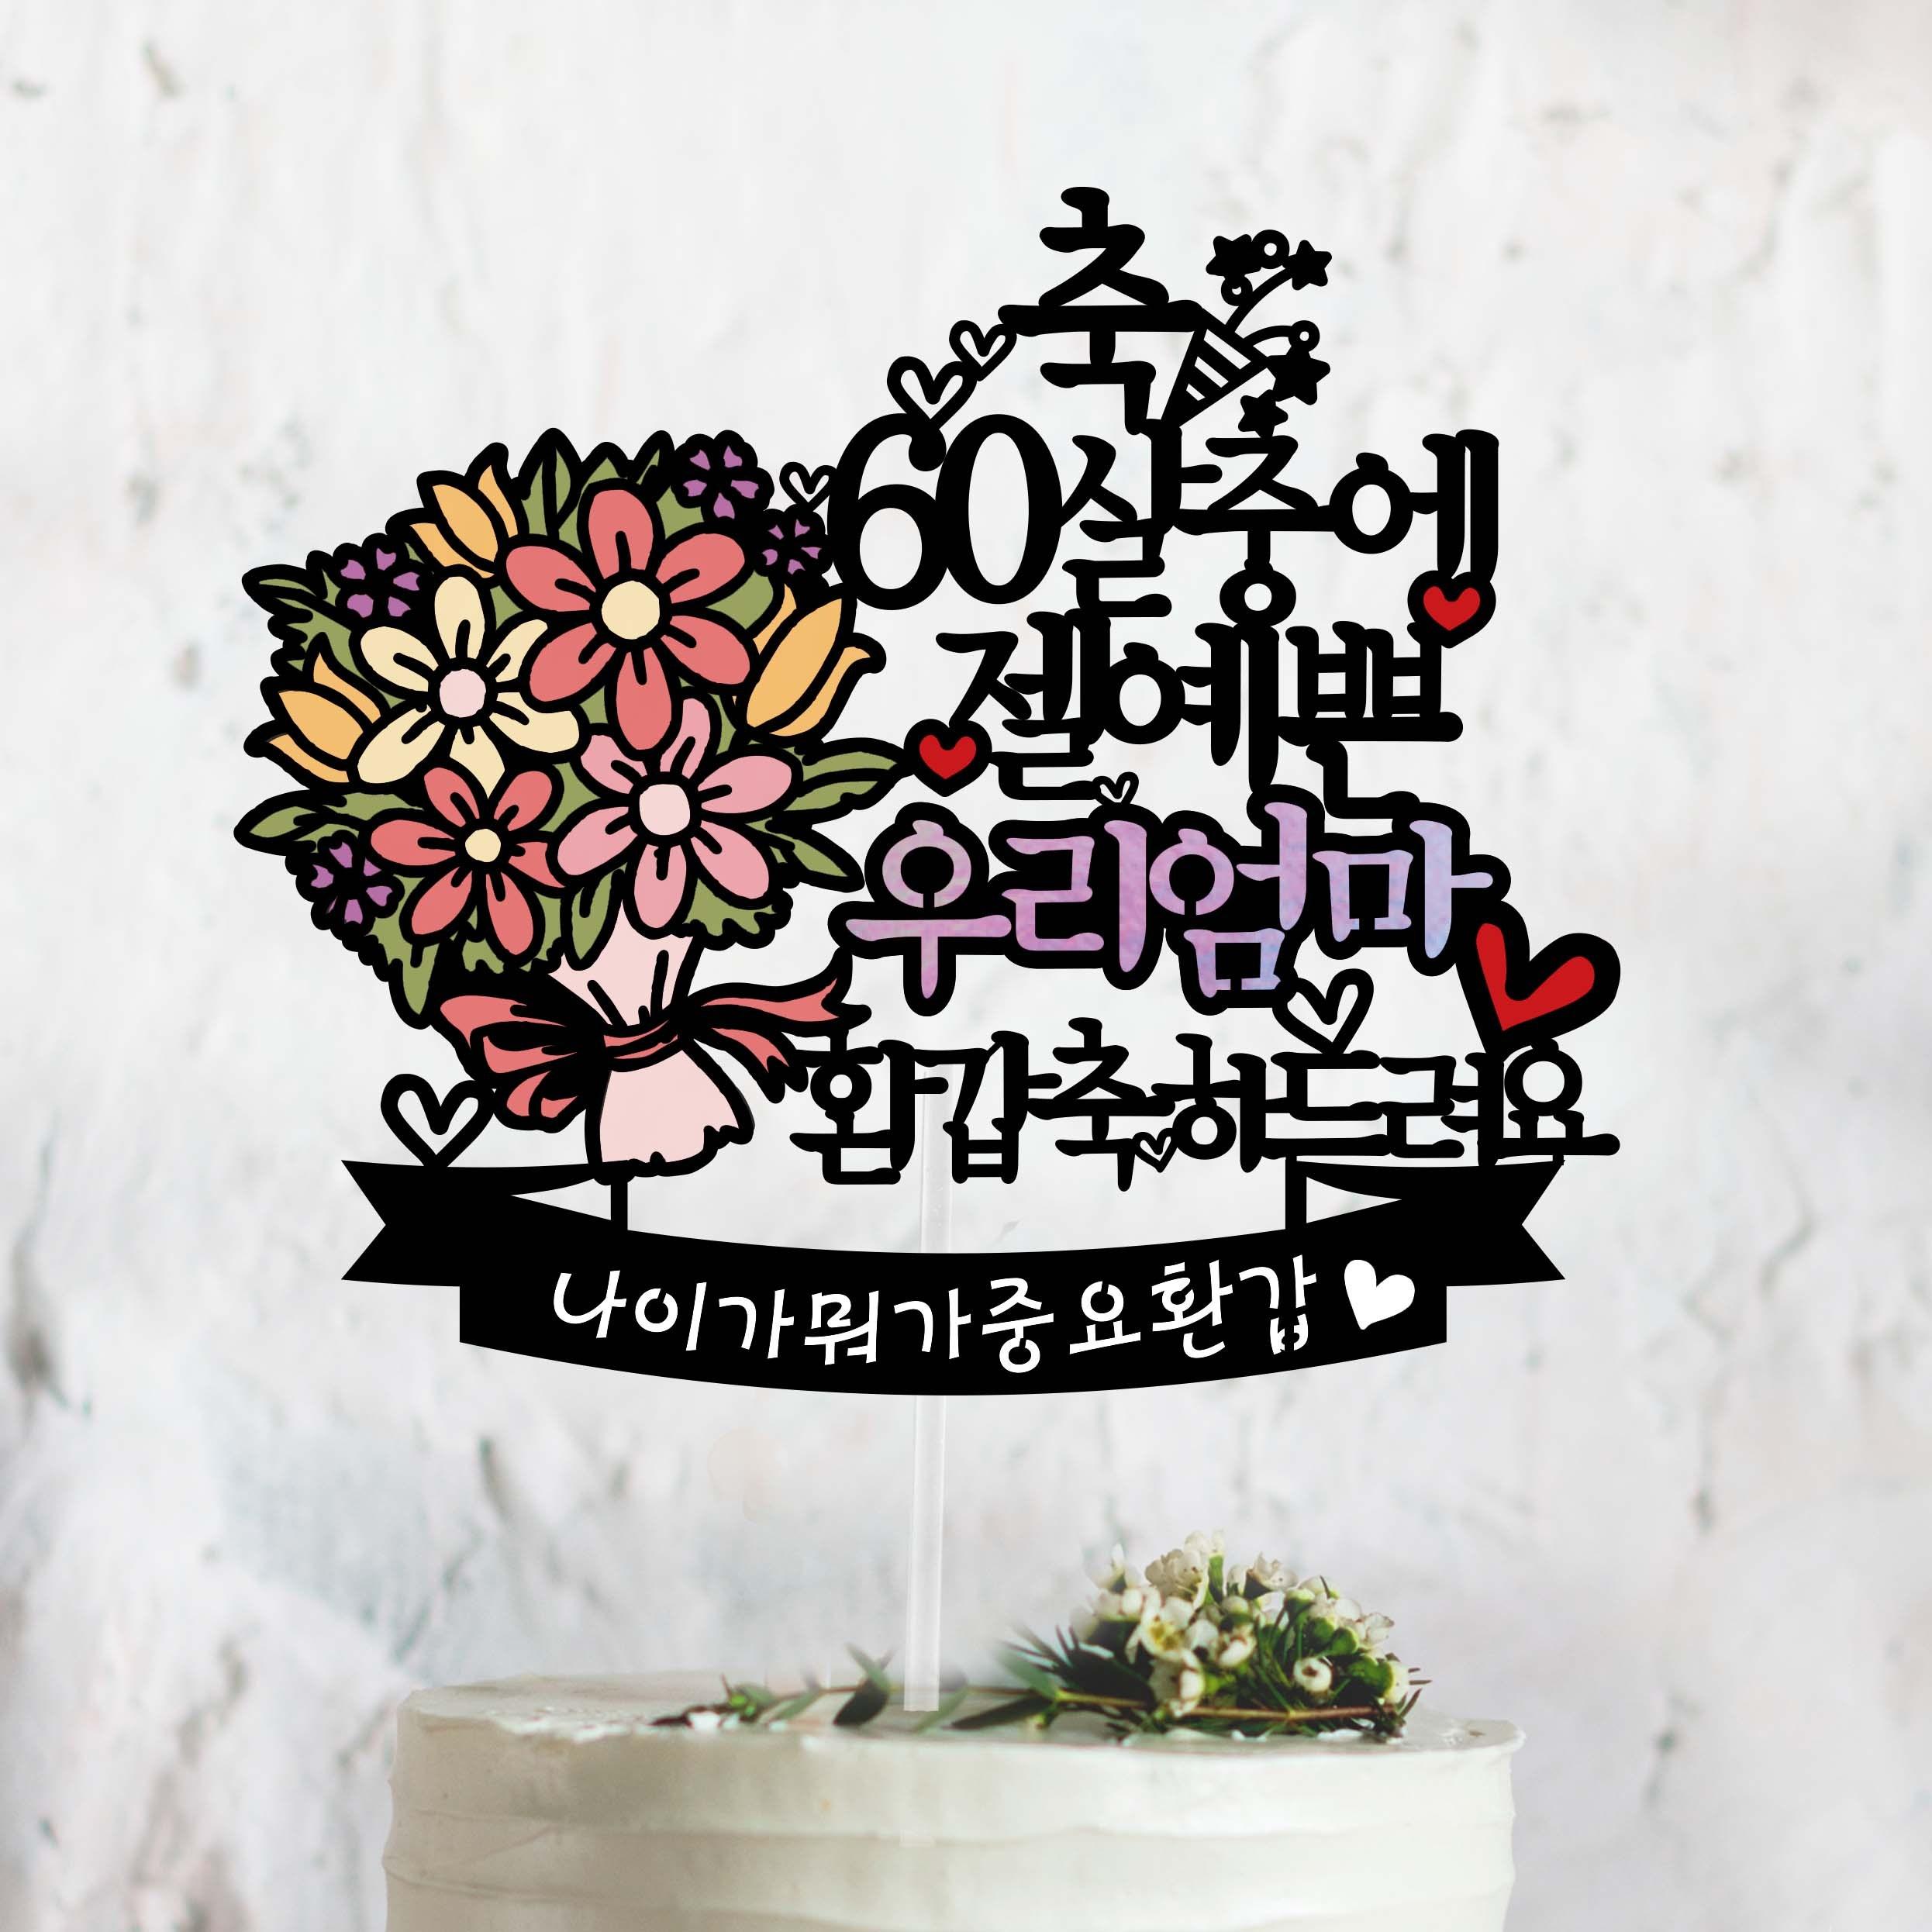 써봄토퍼 몇살중에 젤예쁜 잘생긴 OO아 생일축하 생일 케이크토퍼, O살중에 젤예쁜-환갑축하드려요